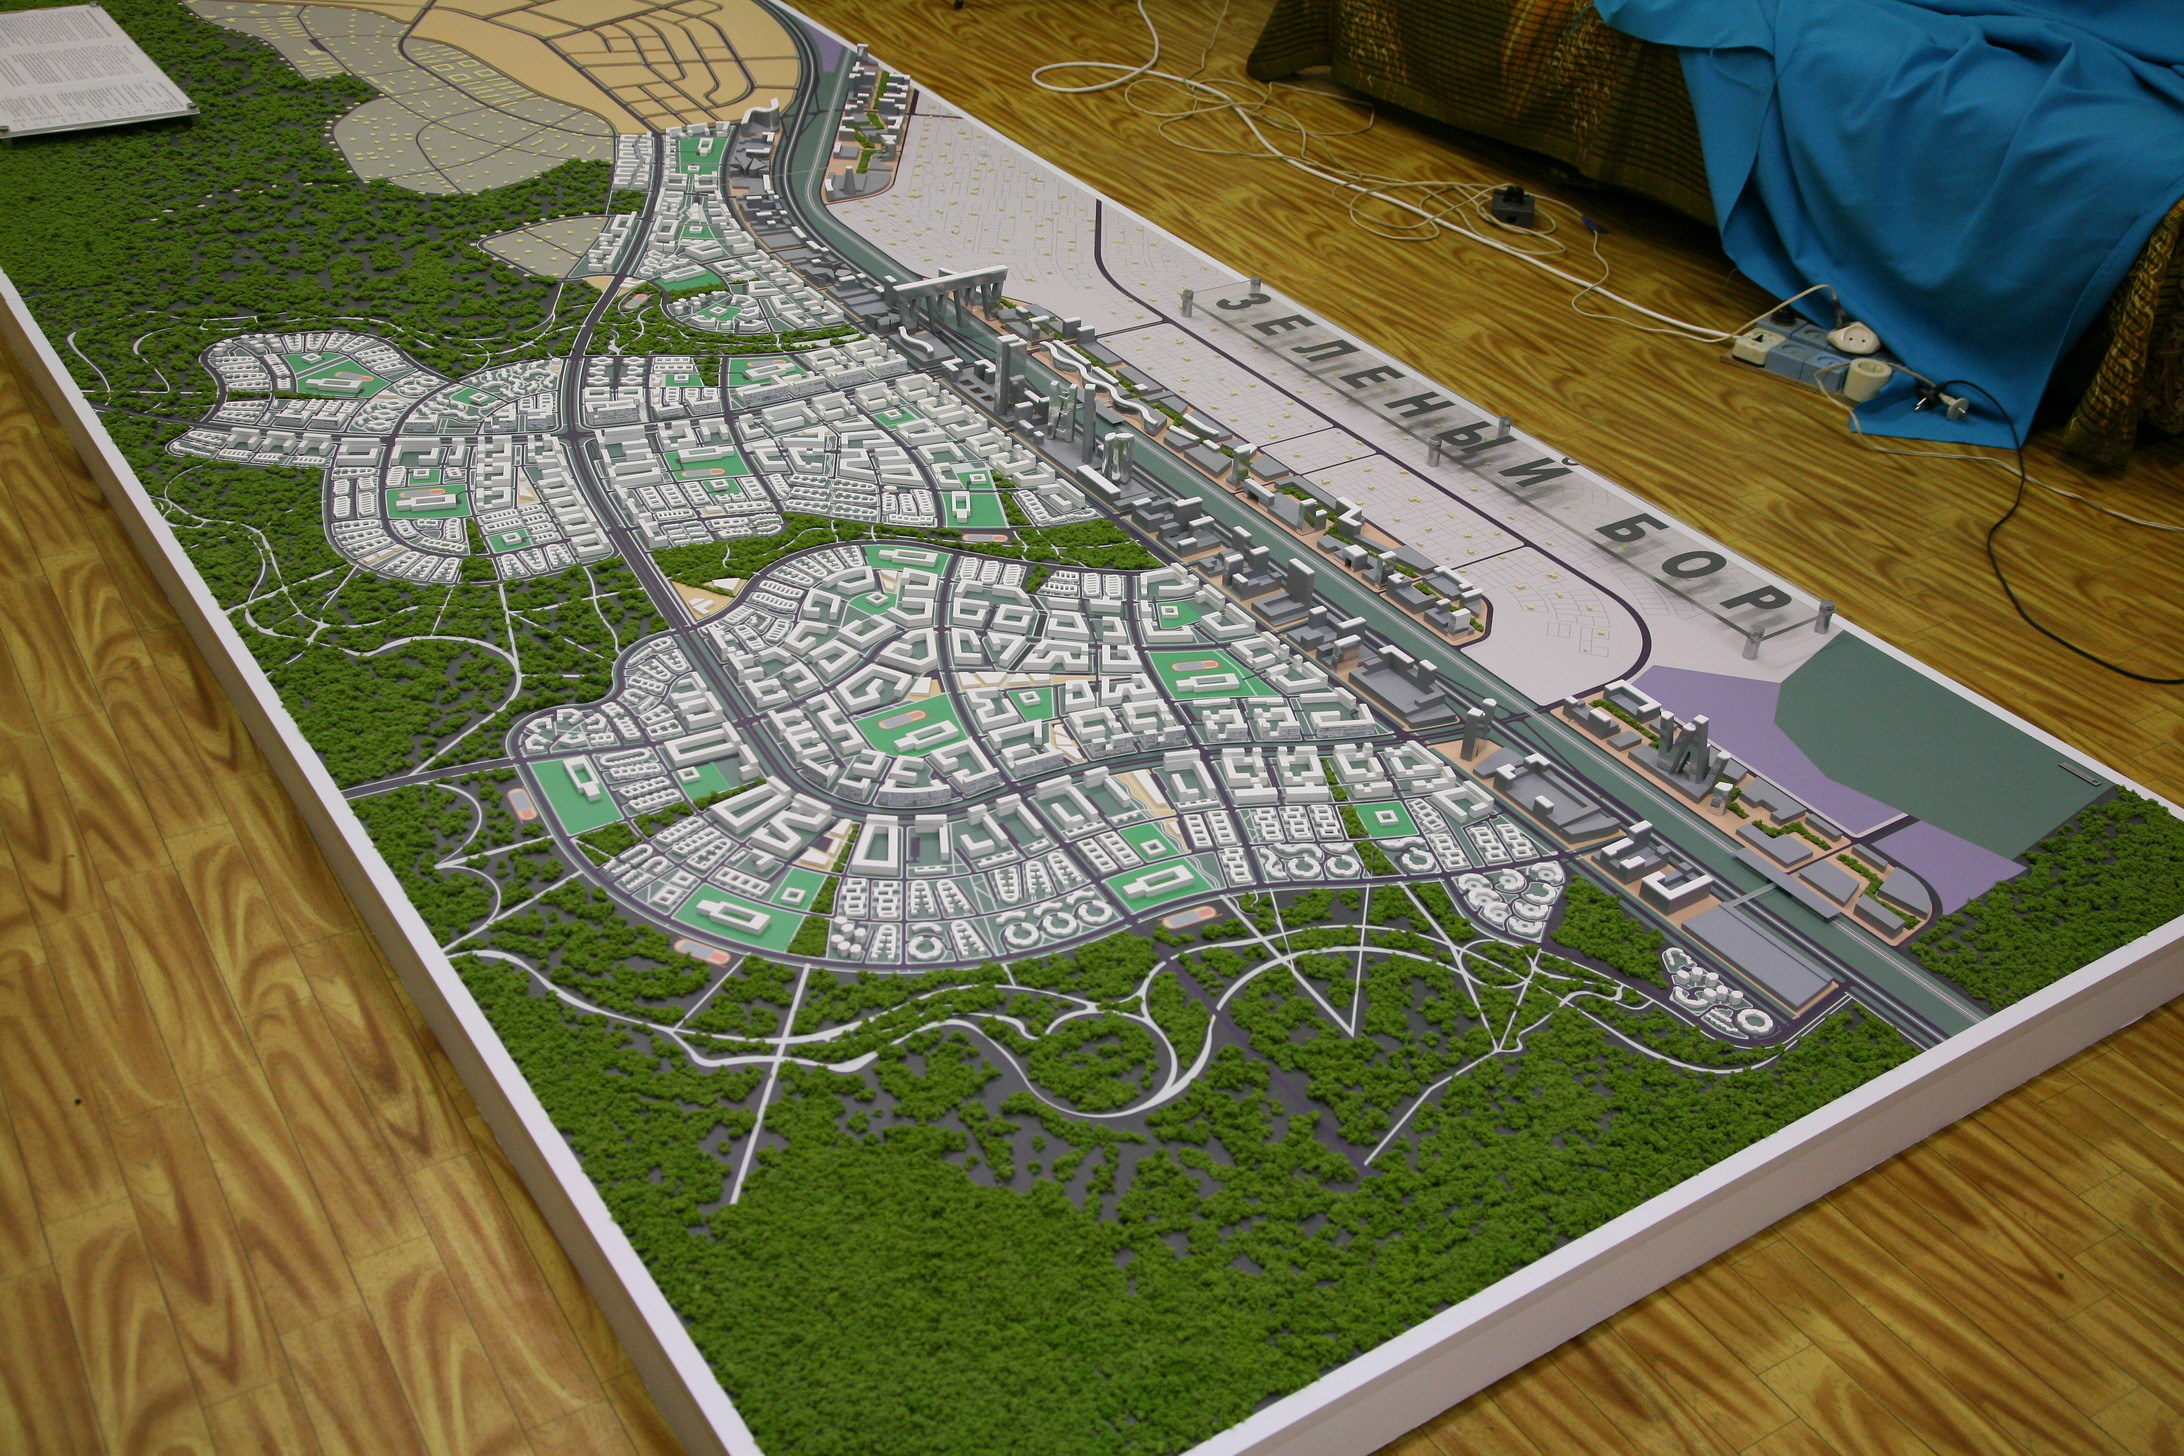 Градостроительный макет своими руками в уфе